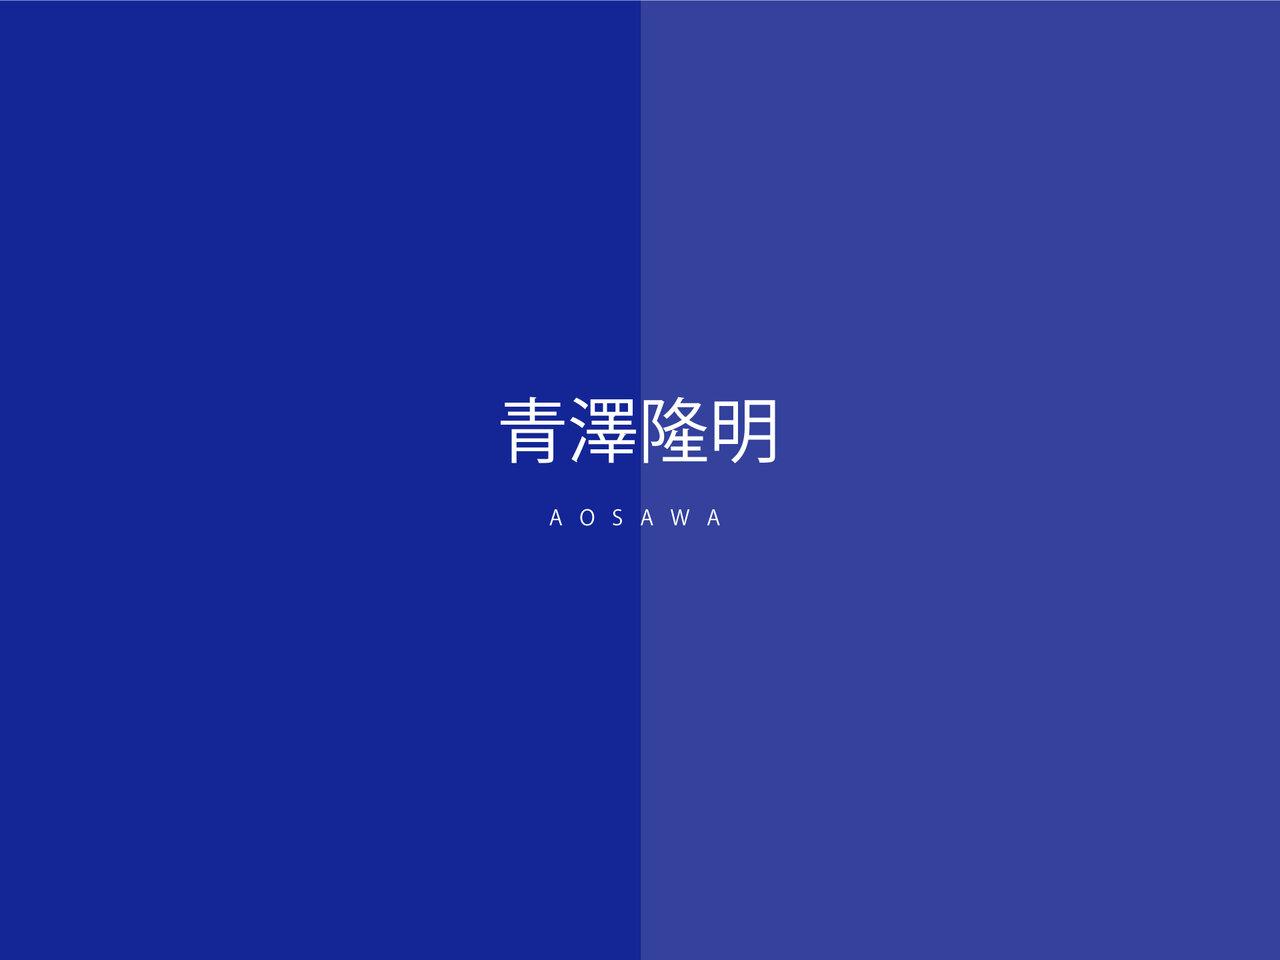 花火 ぬ - 20世紀の花火、ピエール・ブーレーズとシカゴ交響楽団 (青澤隆明)